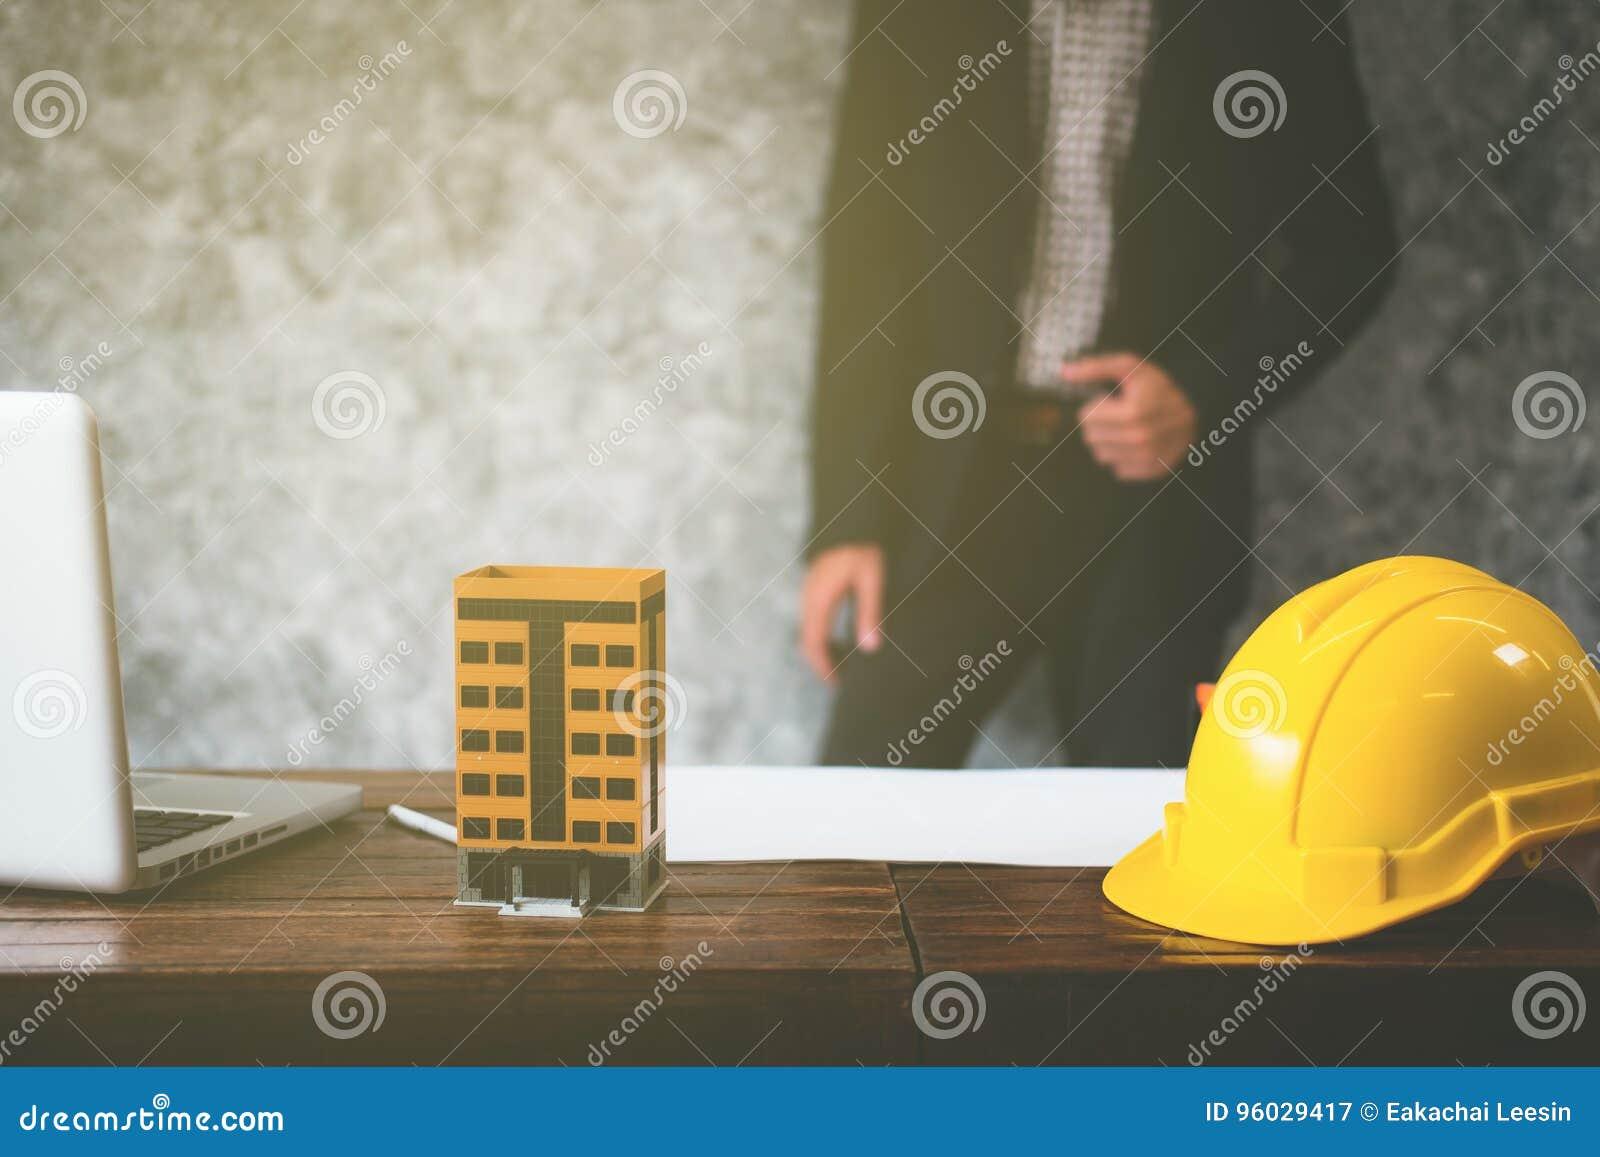 Bezitszaken met huizen en gebouwen voor verkoop